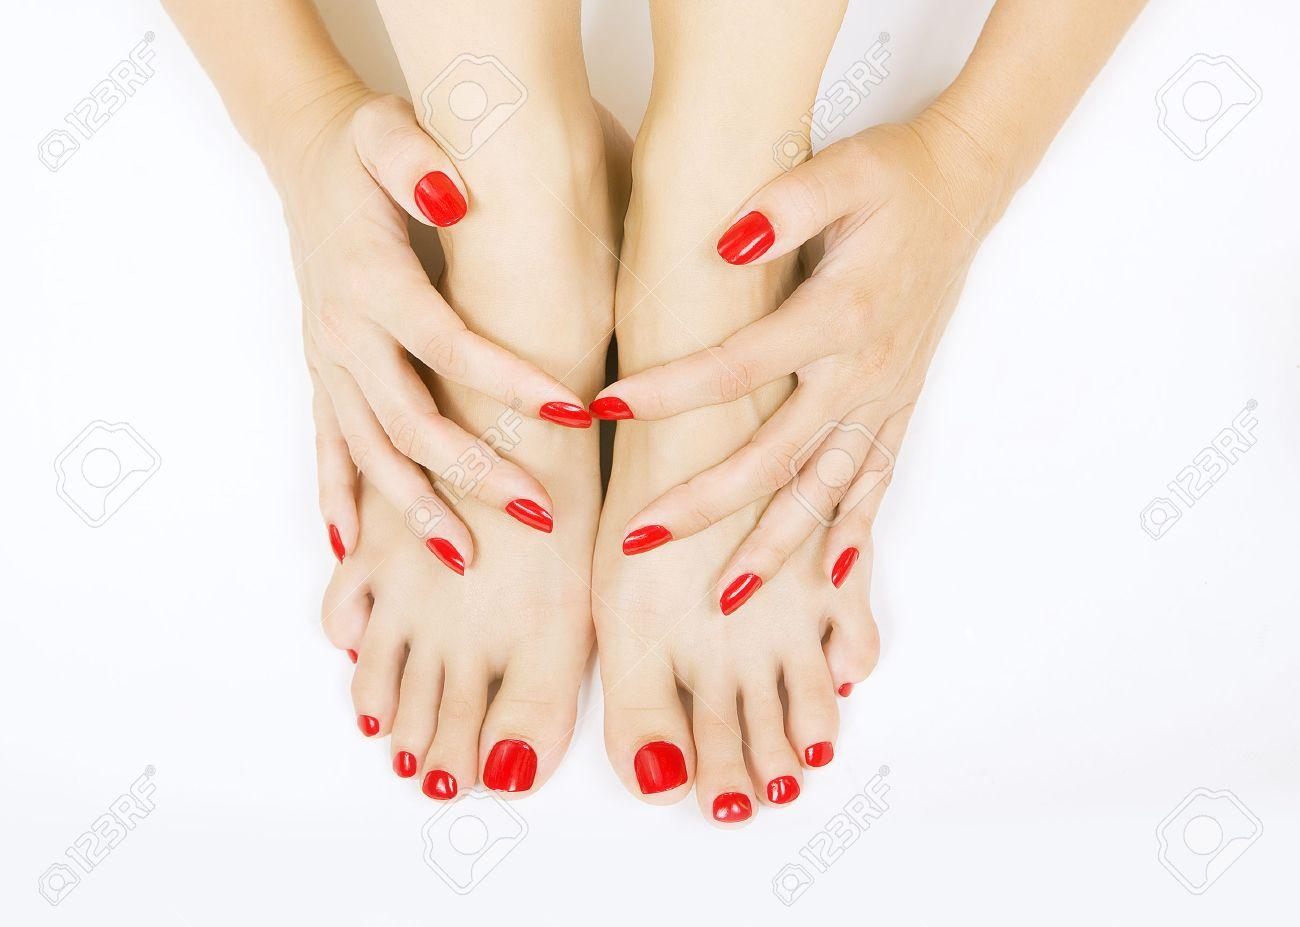 Handinnenflächen ursache rote Brennendes Gefühl